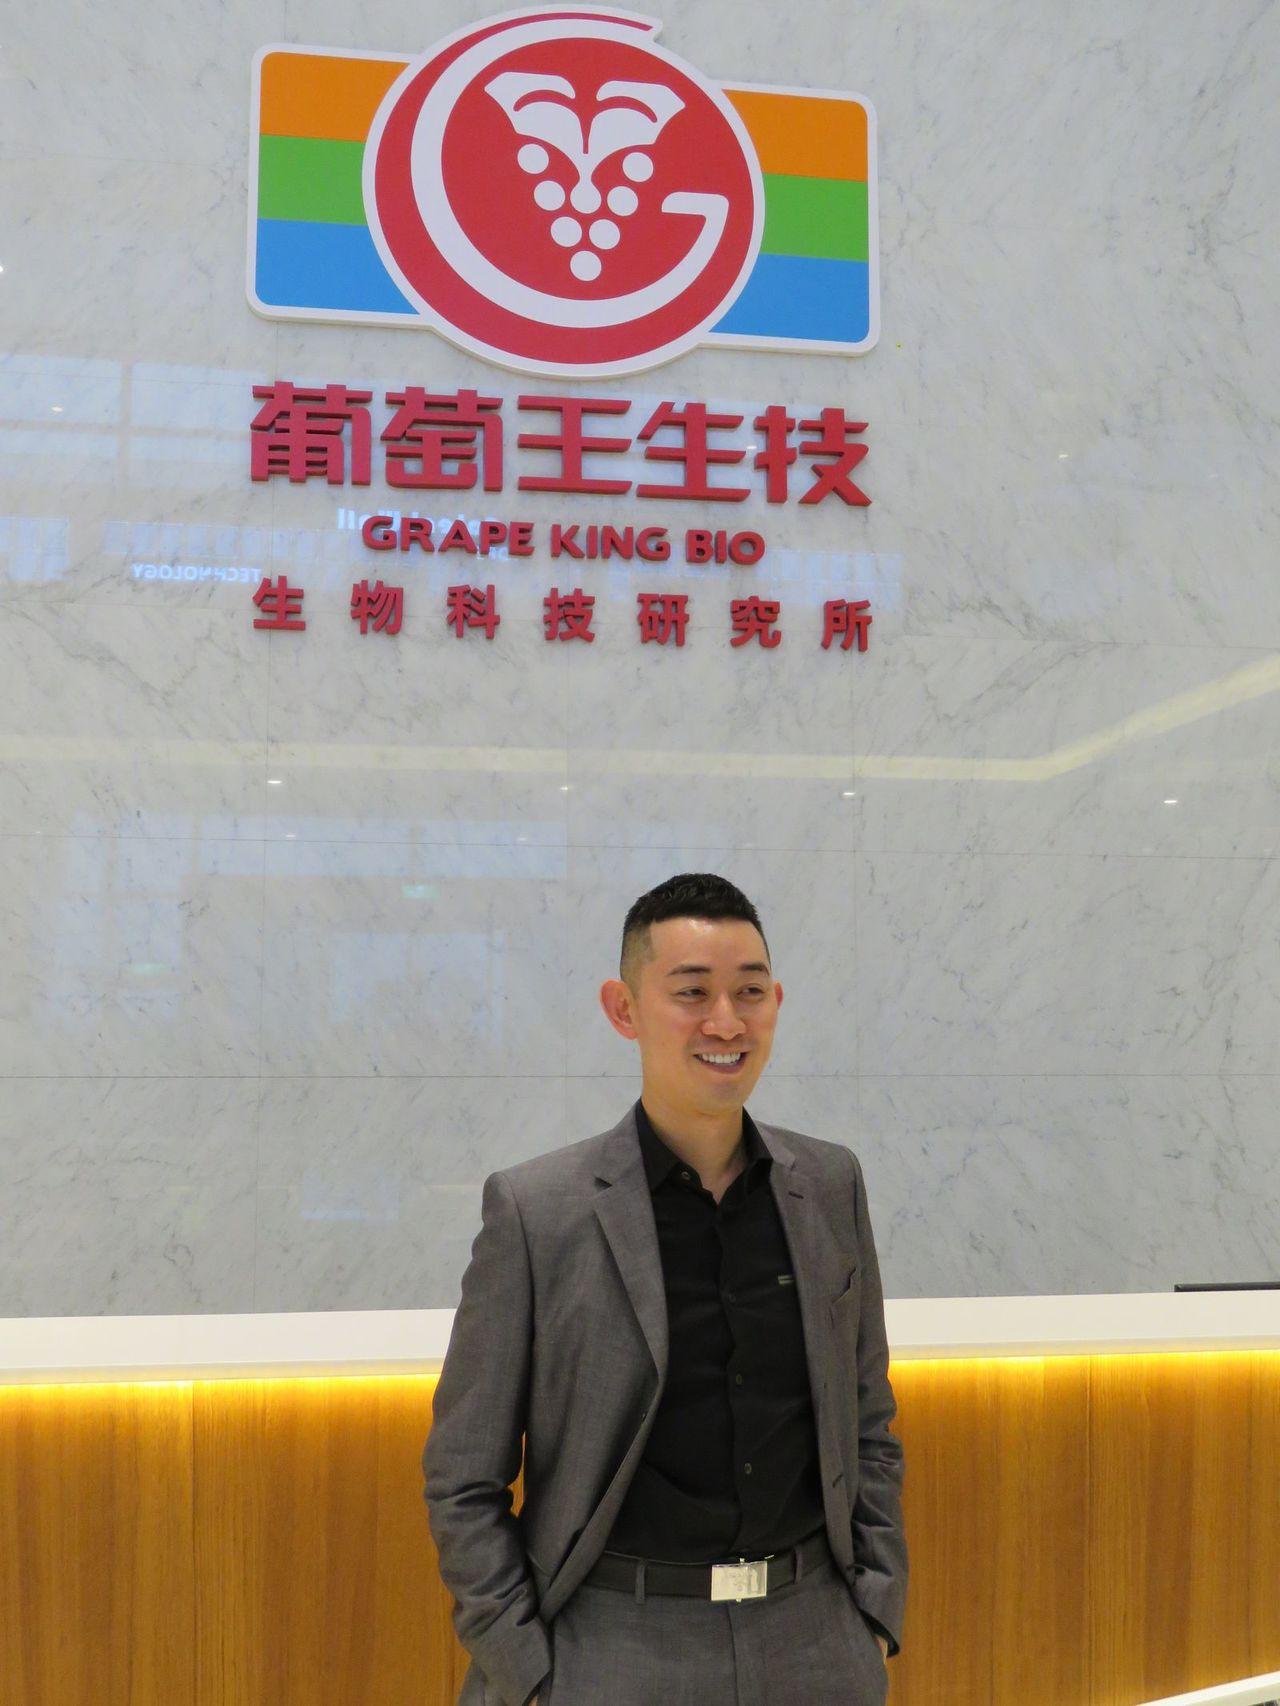 葡萄王生技董事長曾盛麟表示,龍潭生物科技研究所今年正式營運啟用後,研發升級、產能...